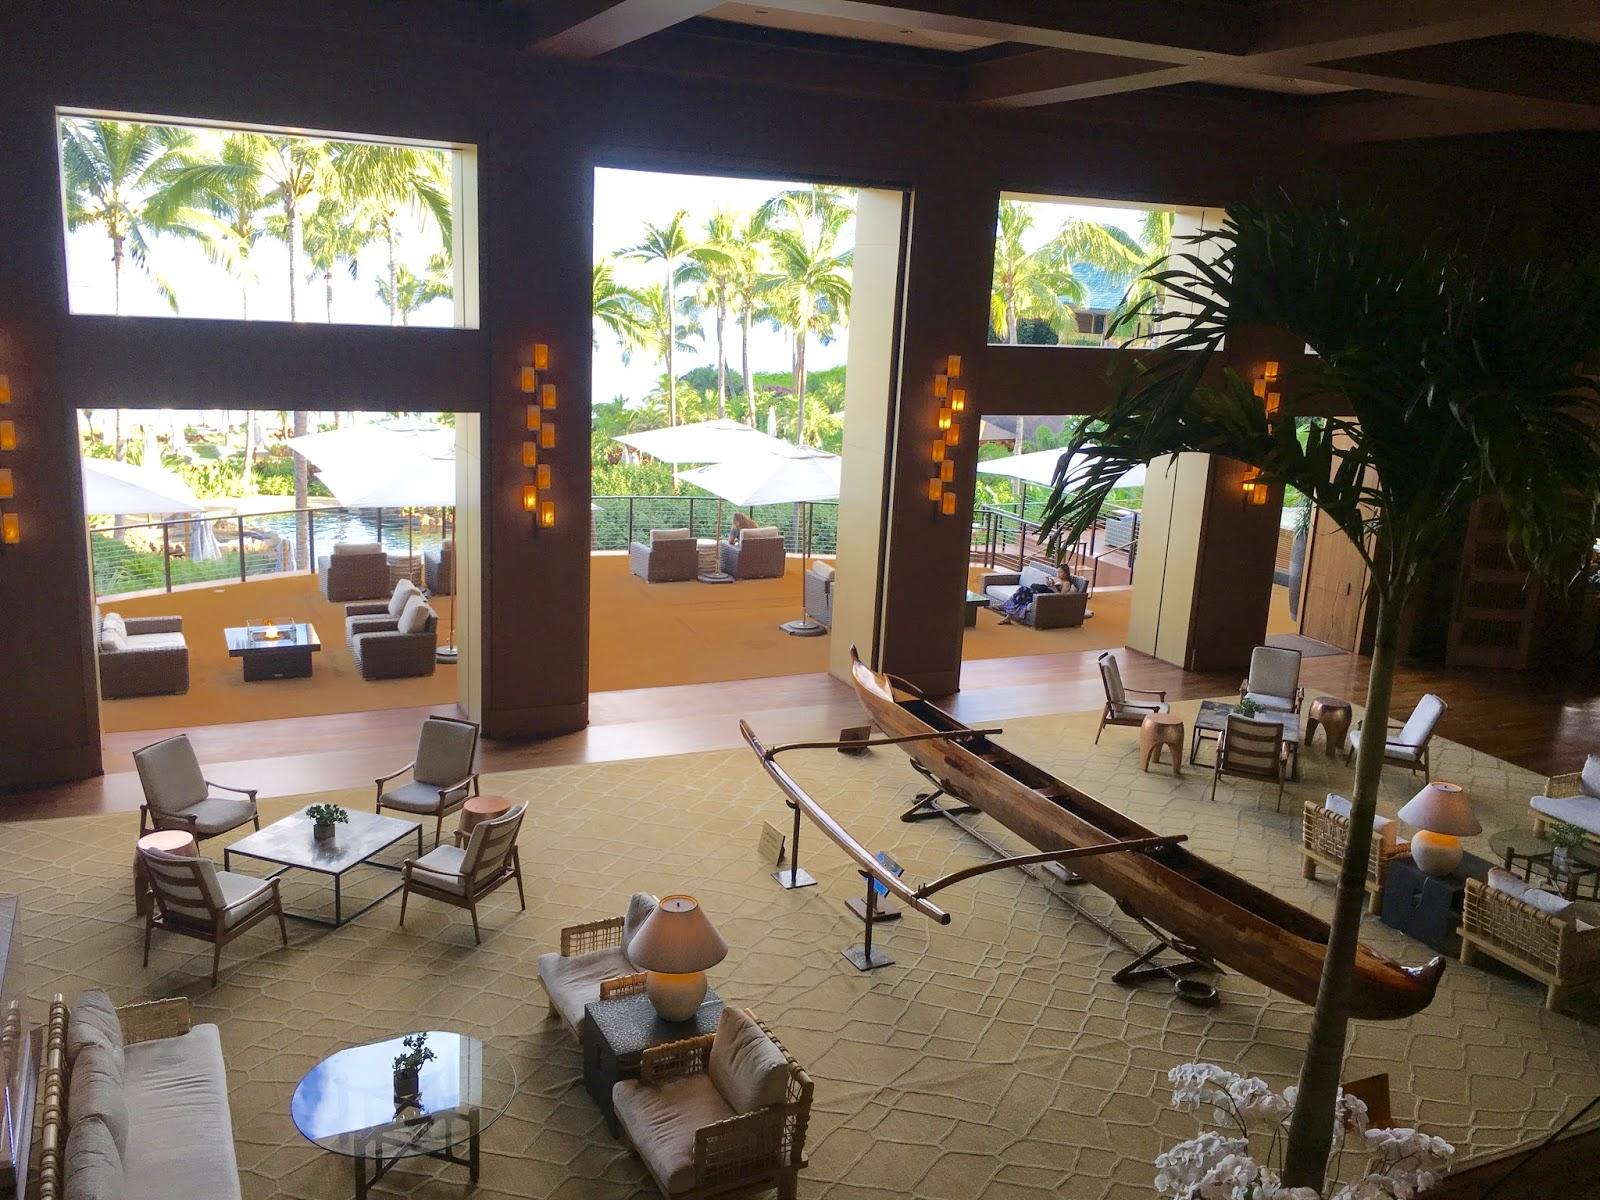 TASTE OF HAWAII: NOBU AT THE FOURS SEASONS RESORT LANAI